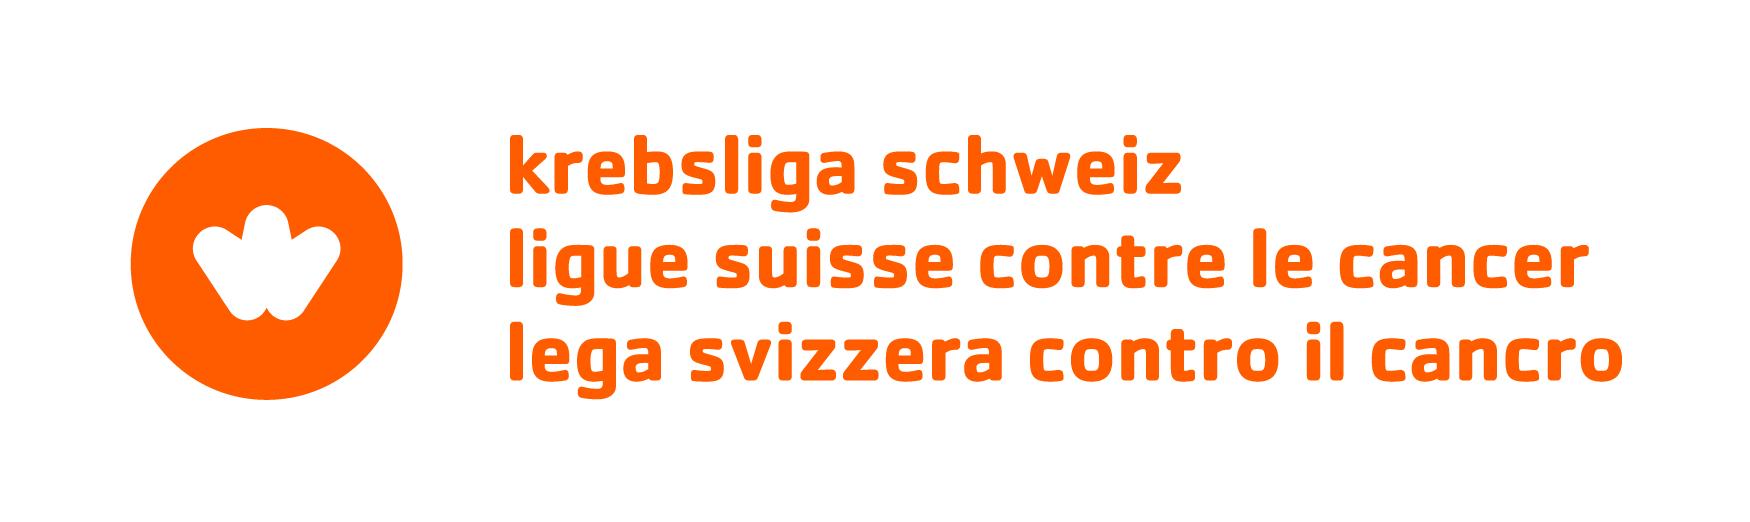 Krebsliga Schweiz Logo